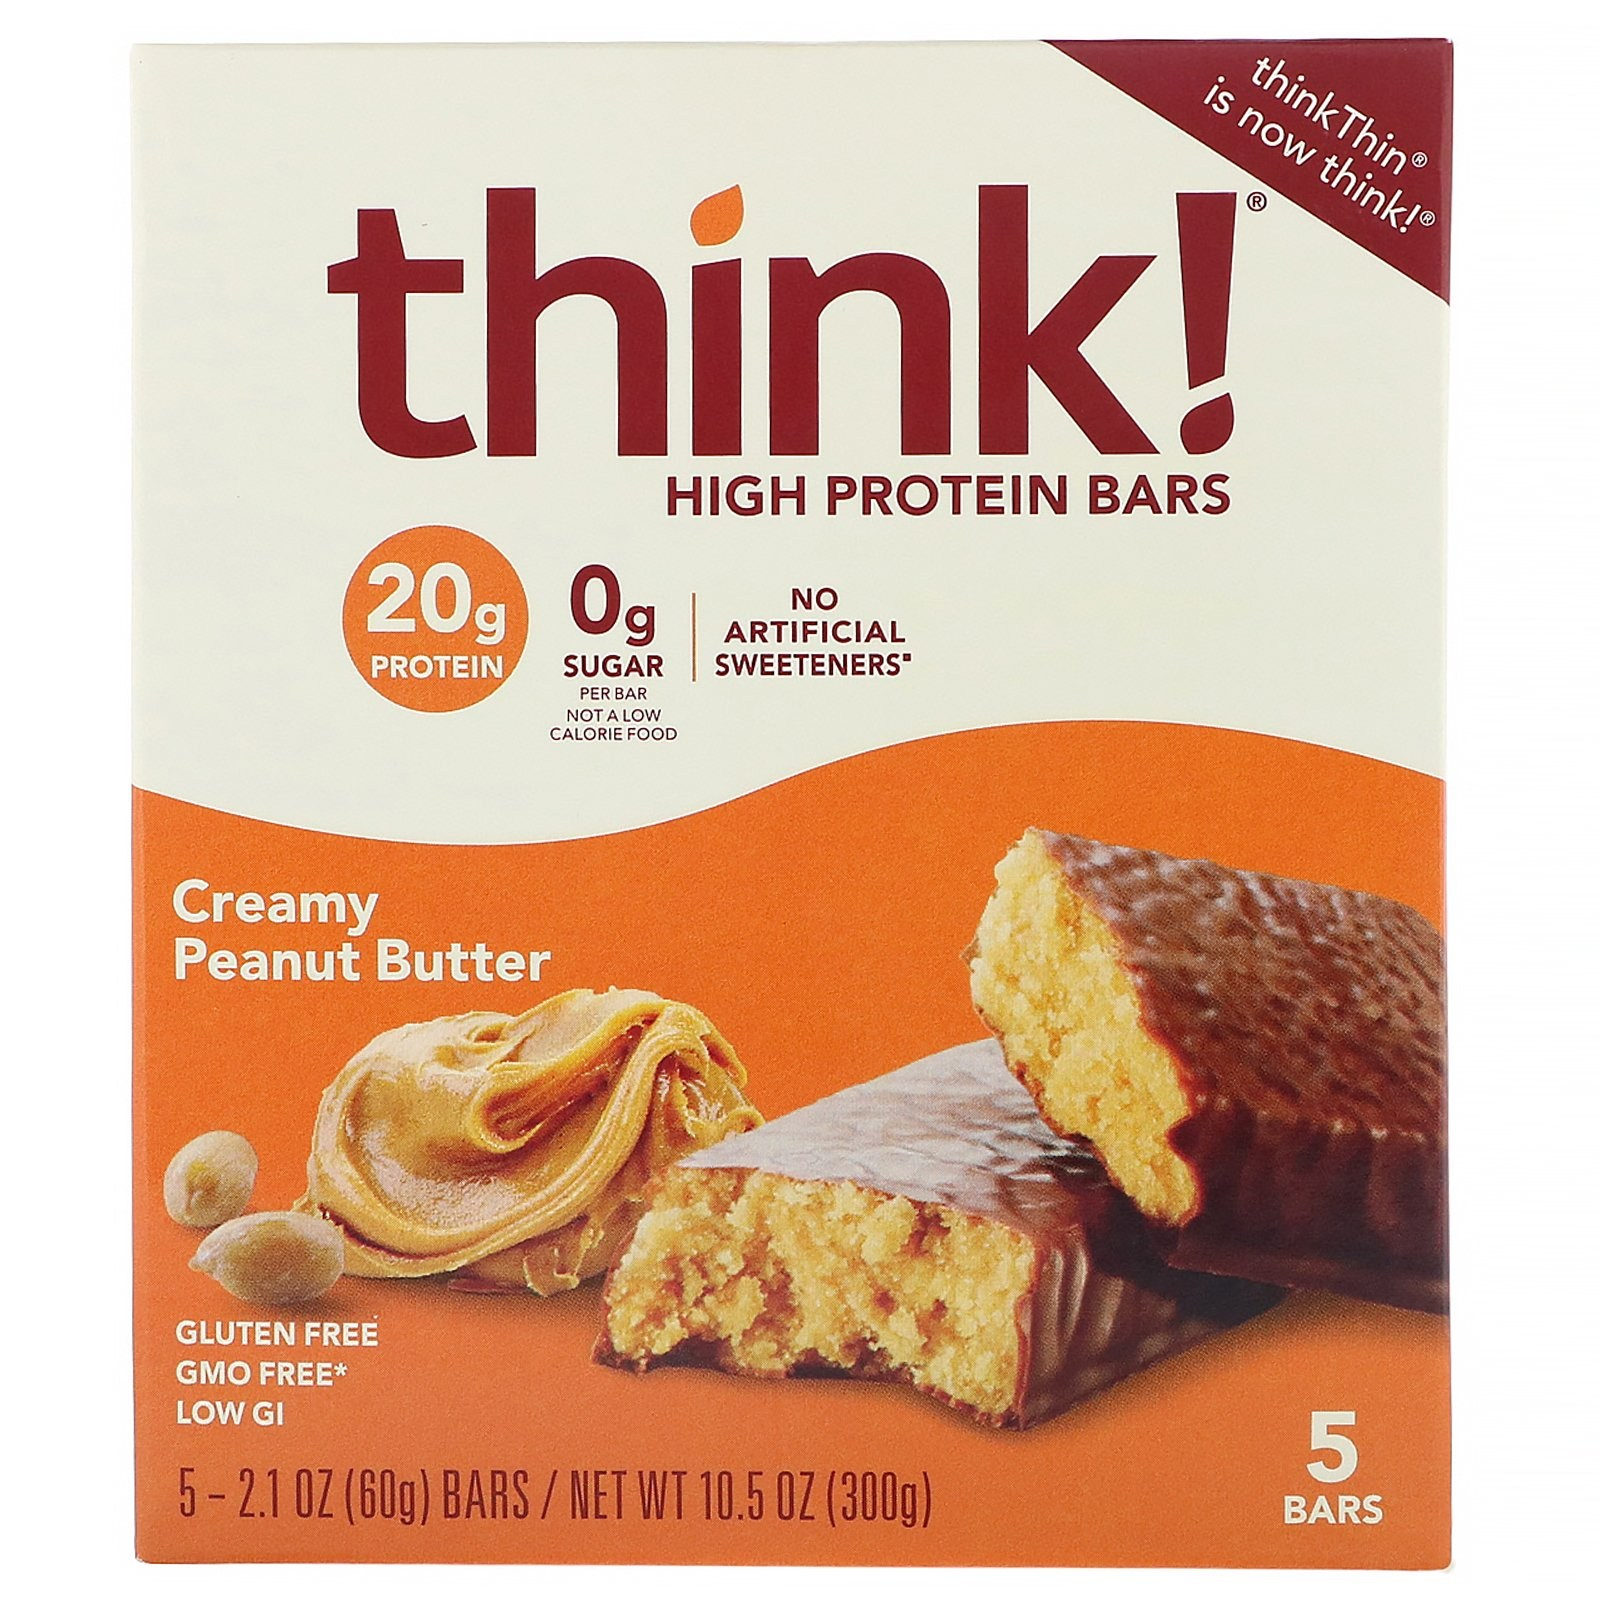 씽크씬 고단백질 바 크리미 땅콩 버터 5개 1 각 60g 프로틴바, 1개, -